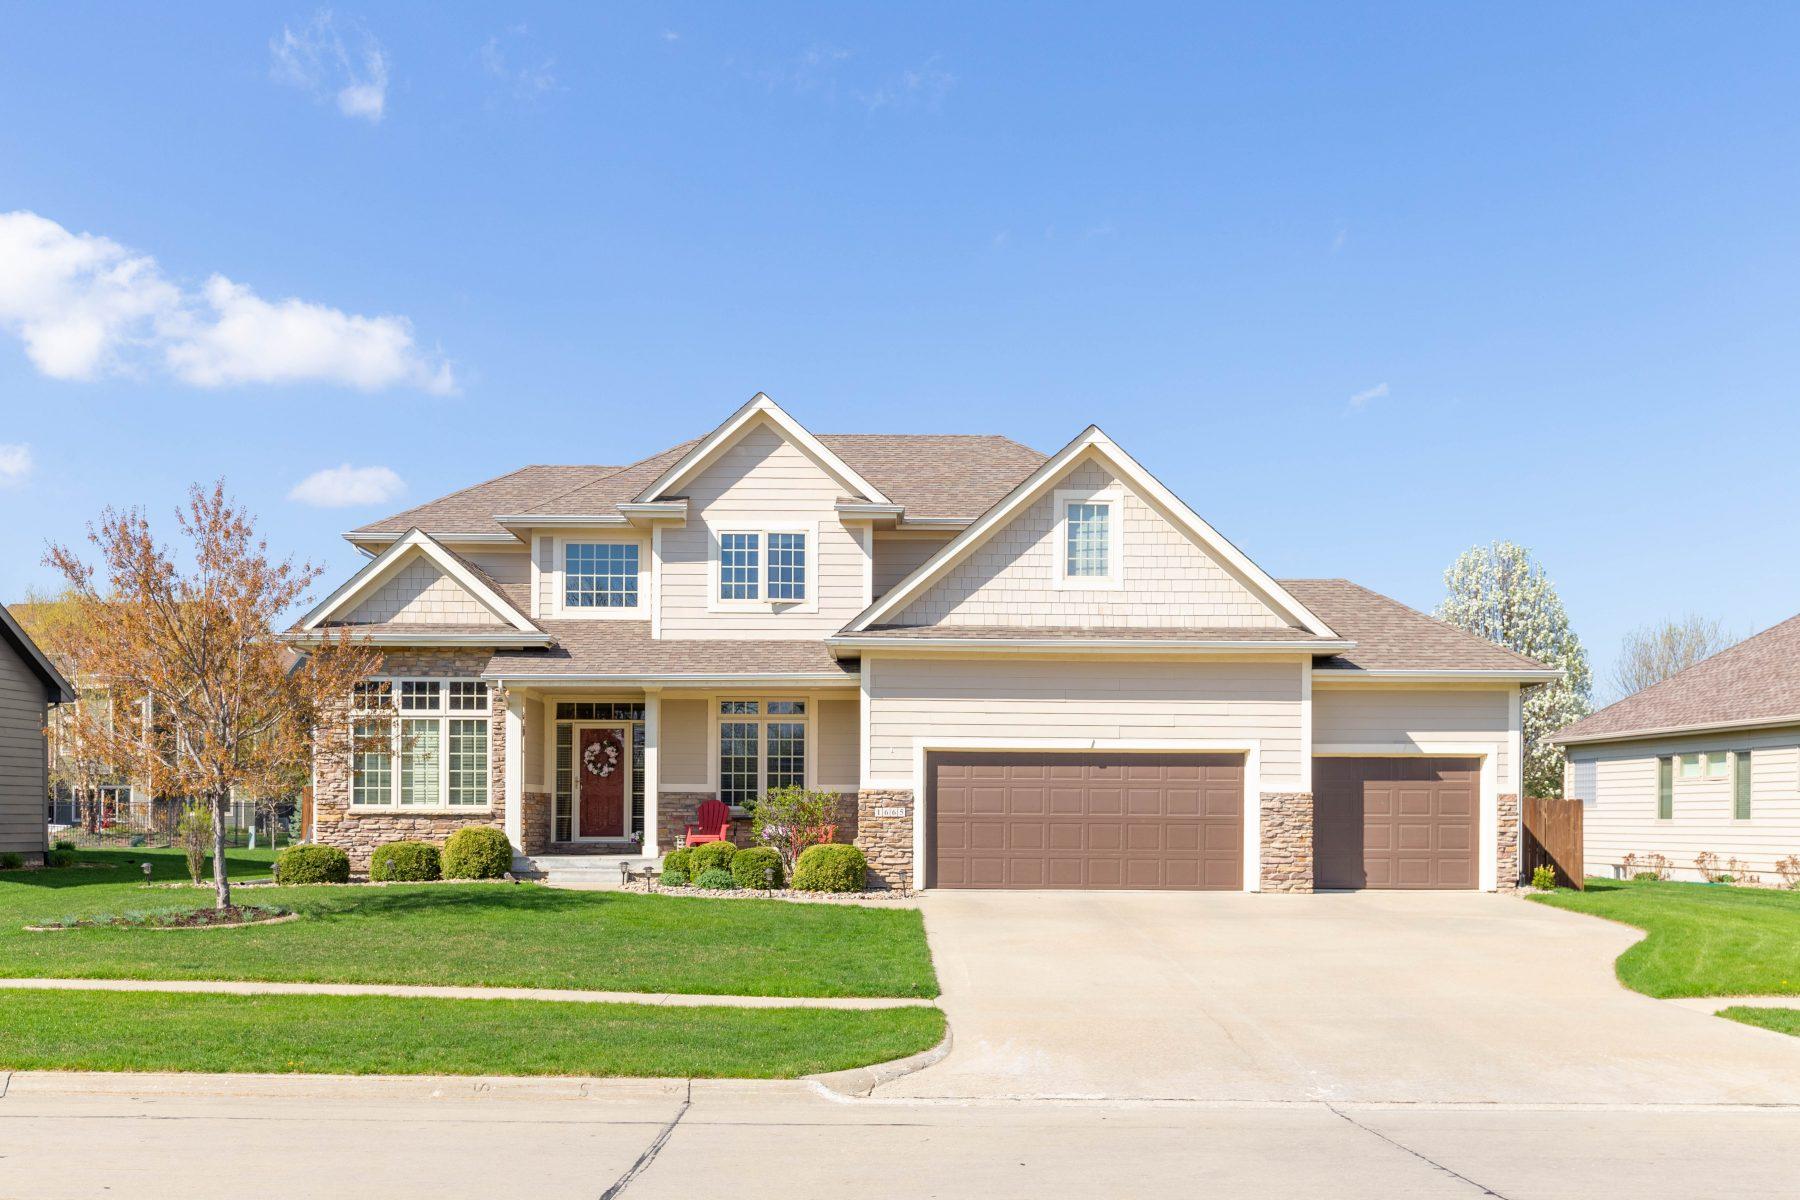 Des Moines Iowa Real Estate Photography - Vertigo Photo